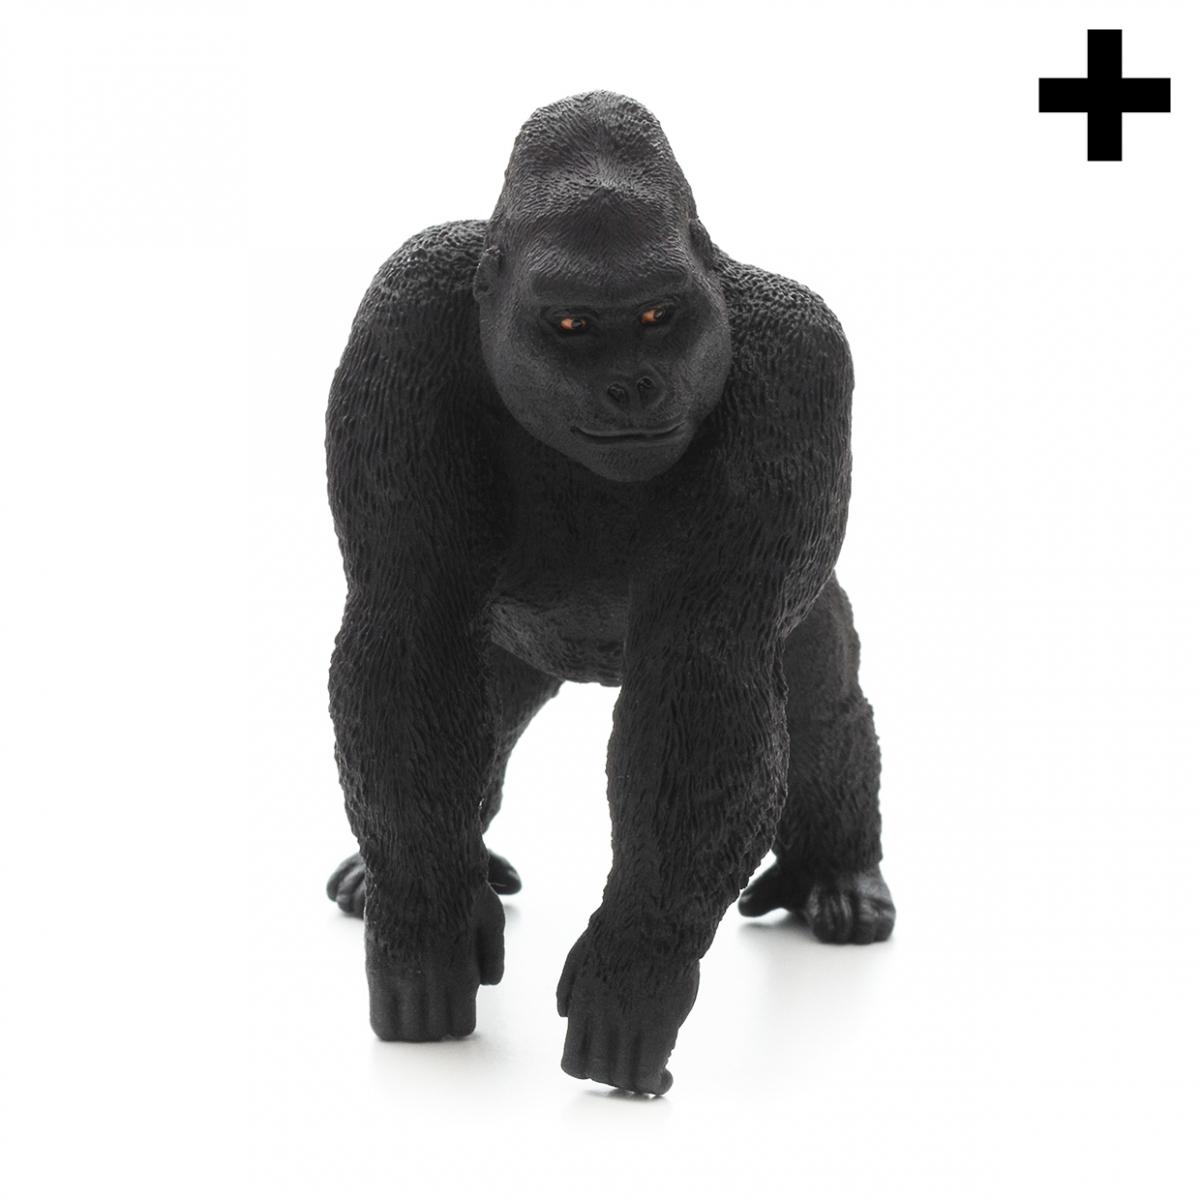 Imagen en la que se ve un gorila en perspectiva frontal